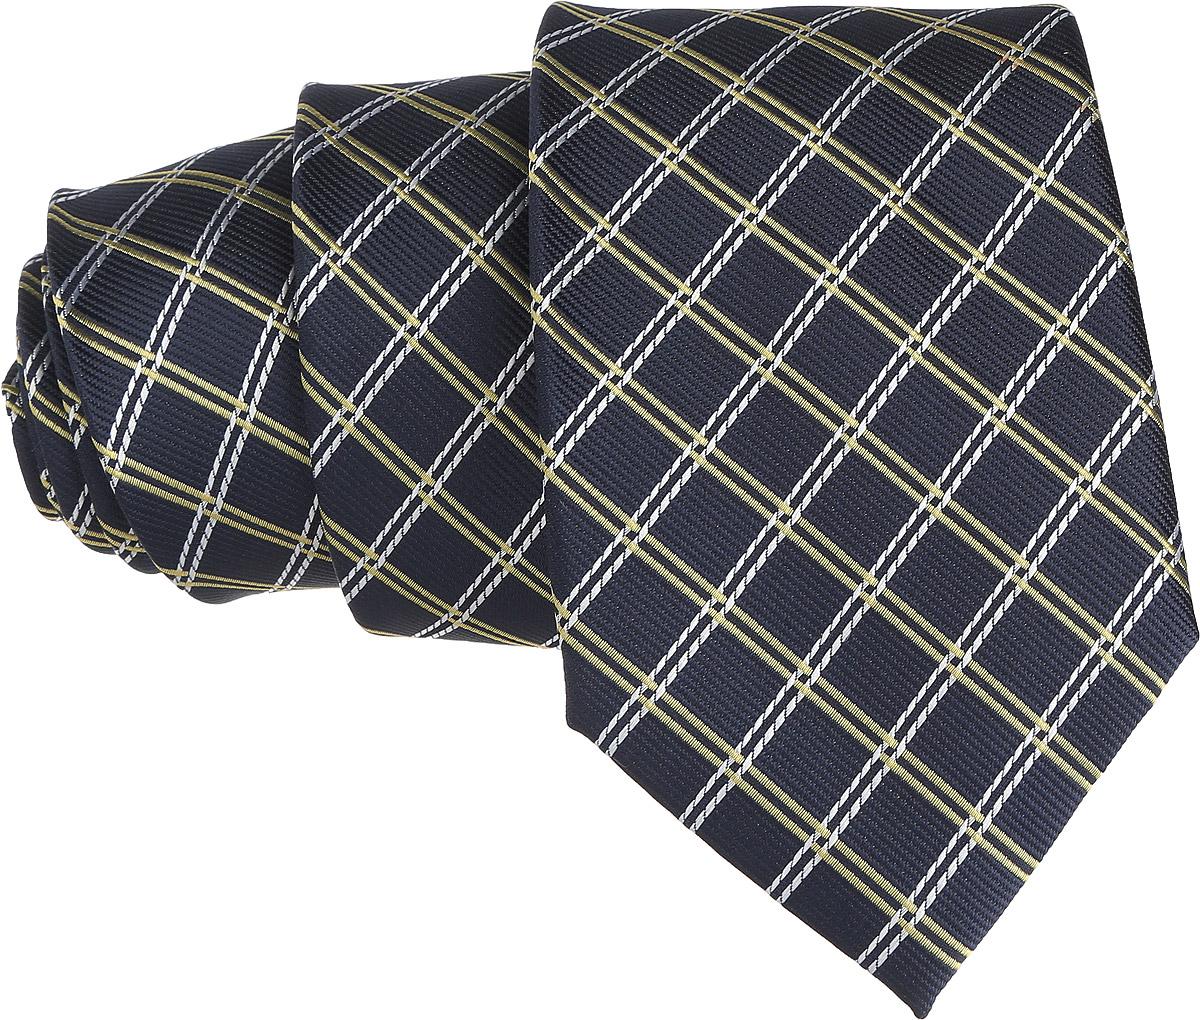 Галстук. 12.01519512.015194Стильный галстук BTC станет отличным завершающим штрихом вашего образа. Этот модный аксессуар порадует вас высоким качеством исполнения и современным дизайном. Изделие полностью выполнено из качественного полиэстера. Галстук оформлен оригинальным принтом. Такой оригинальный галстук подойдет как к повседневному, так и к официальному наряду, он позволит вам подчеркнуть свою индивидуальность и создать свой неповторимый стиль.